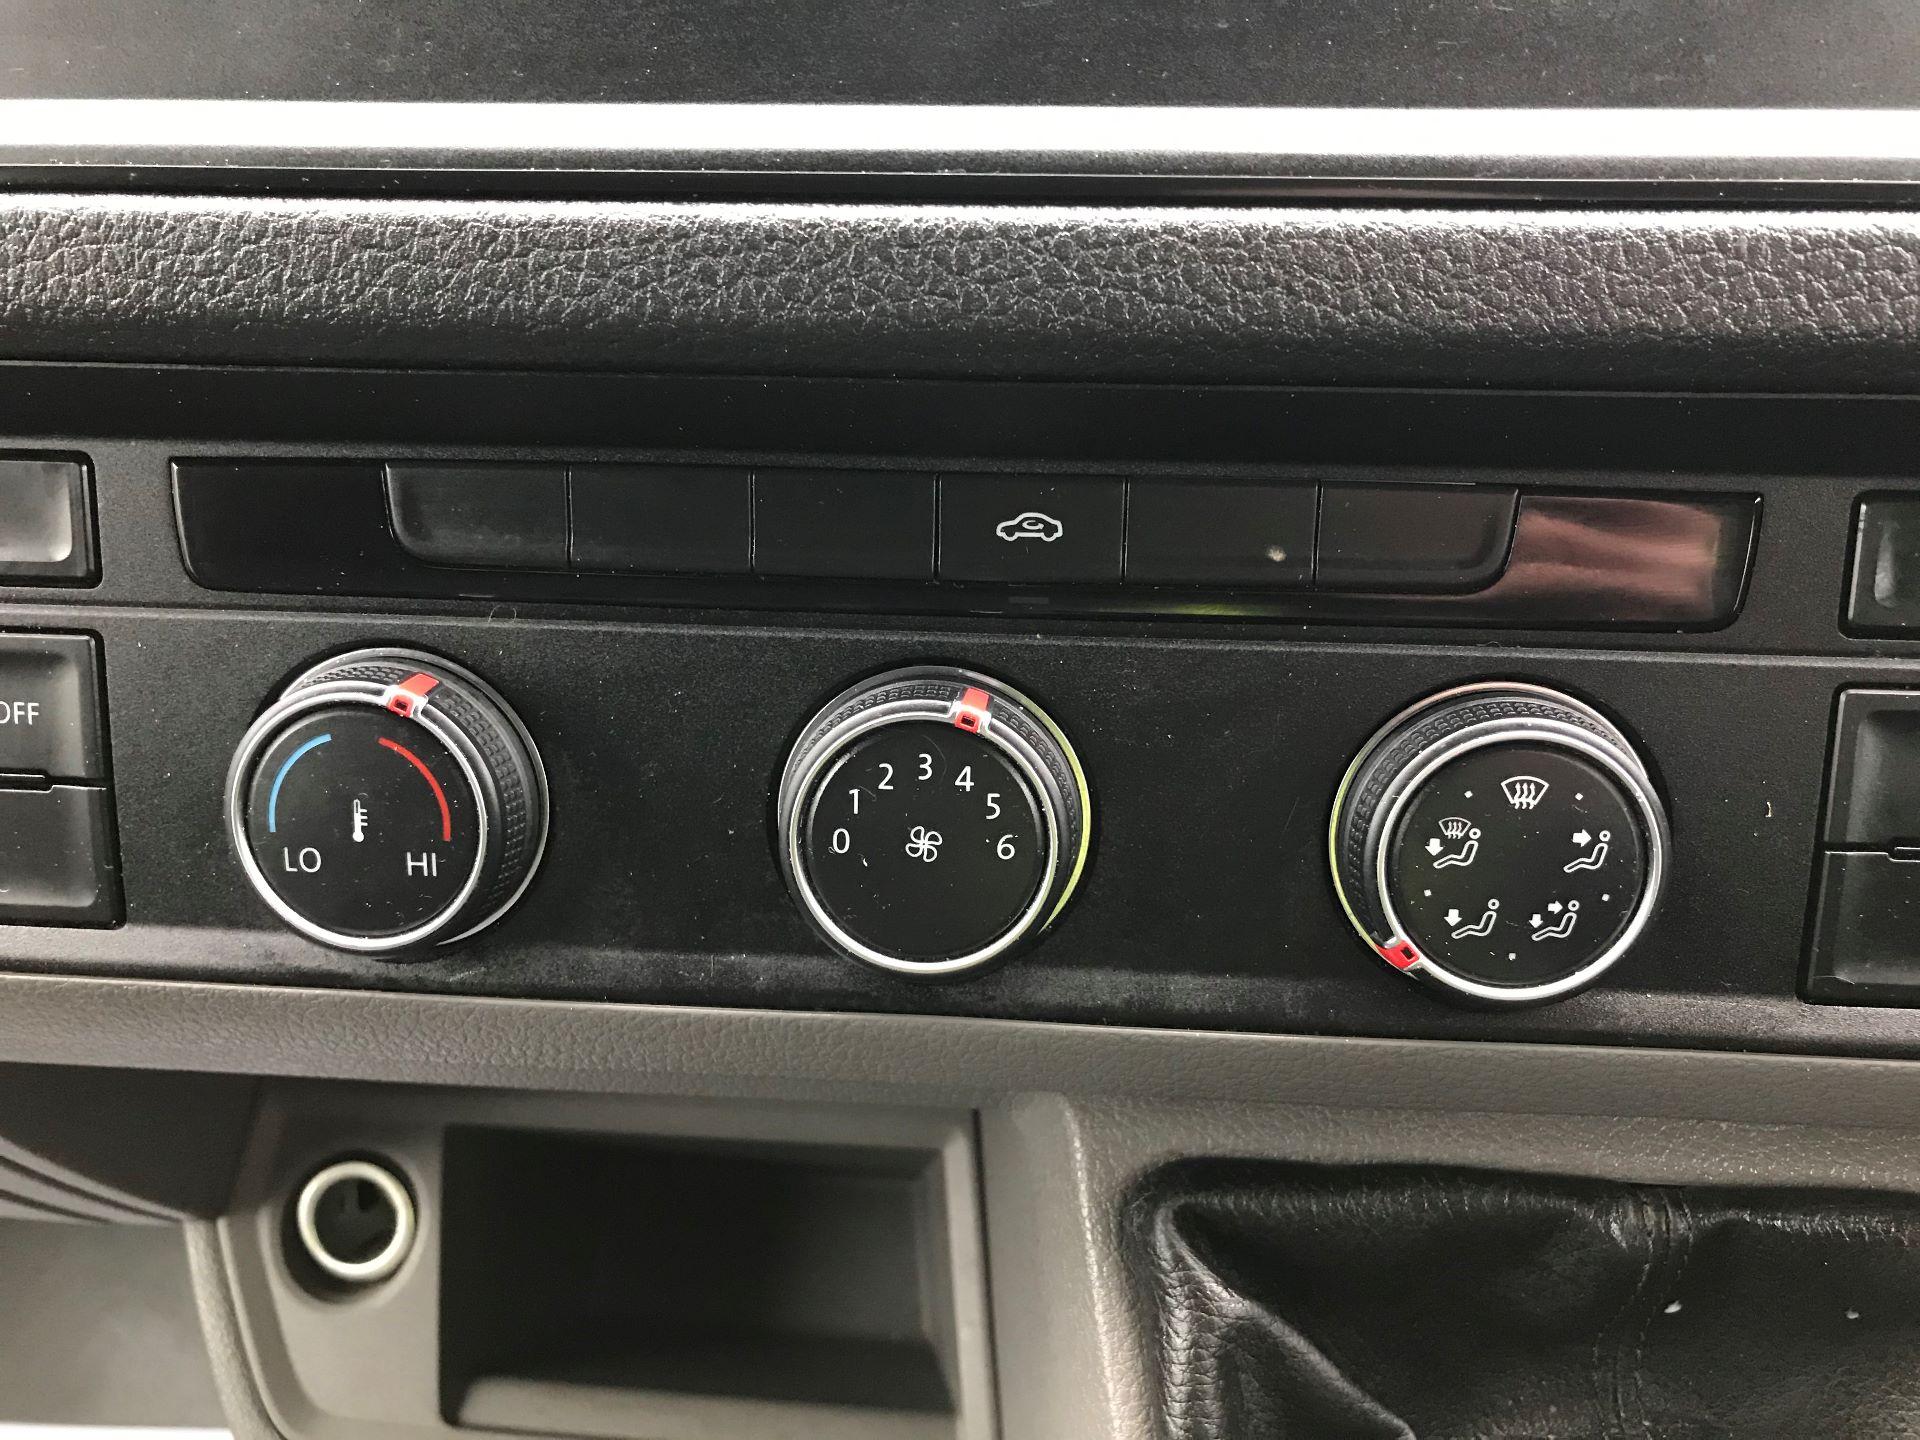 2018 Volkswagen Crafter 2.0 TDI 140PS STARTLINE LWB HIGH ROOF VAN EURO 6 (GJ68ZRR) Image 20